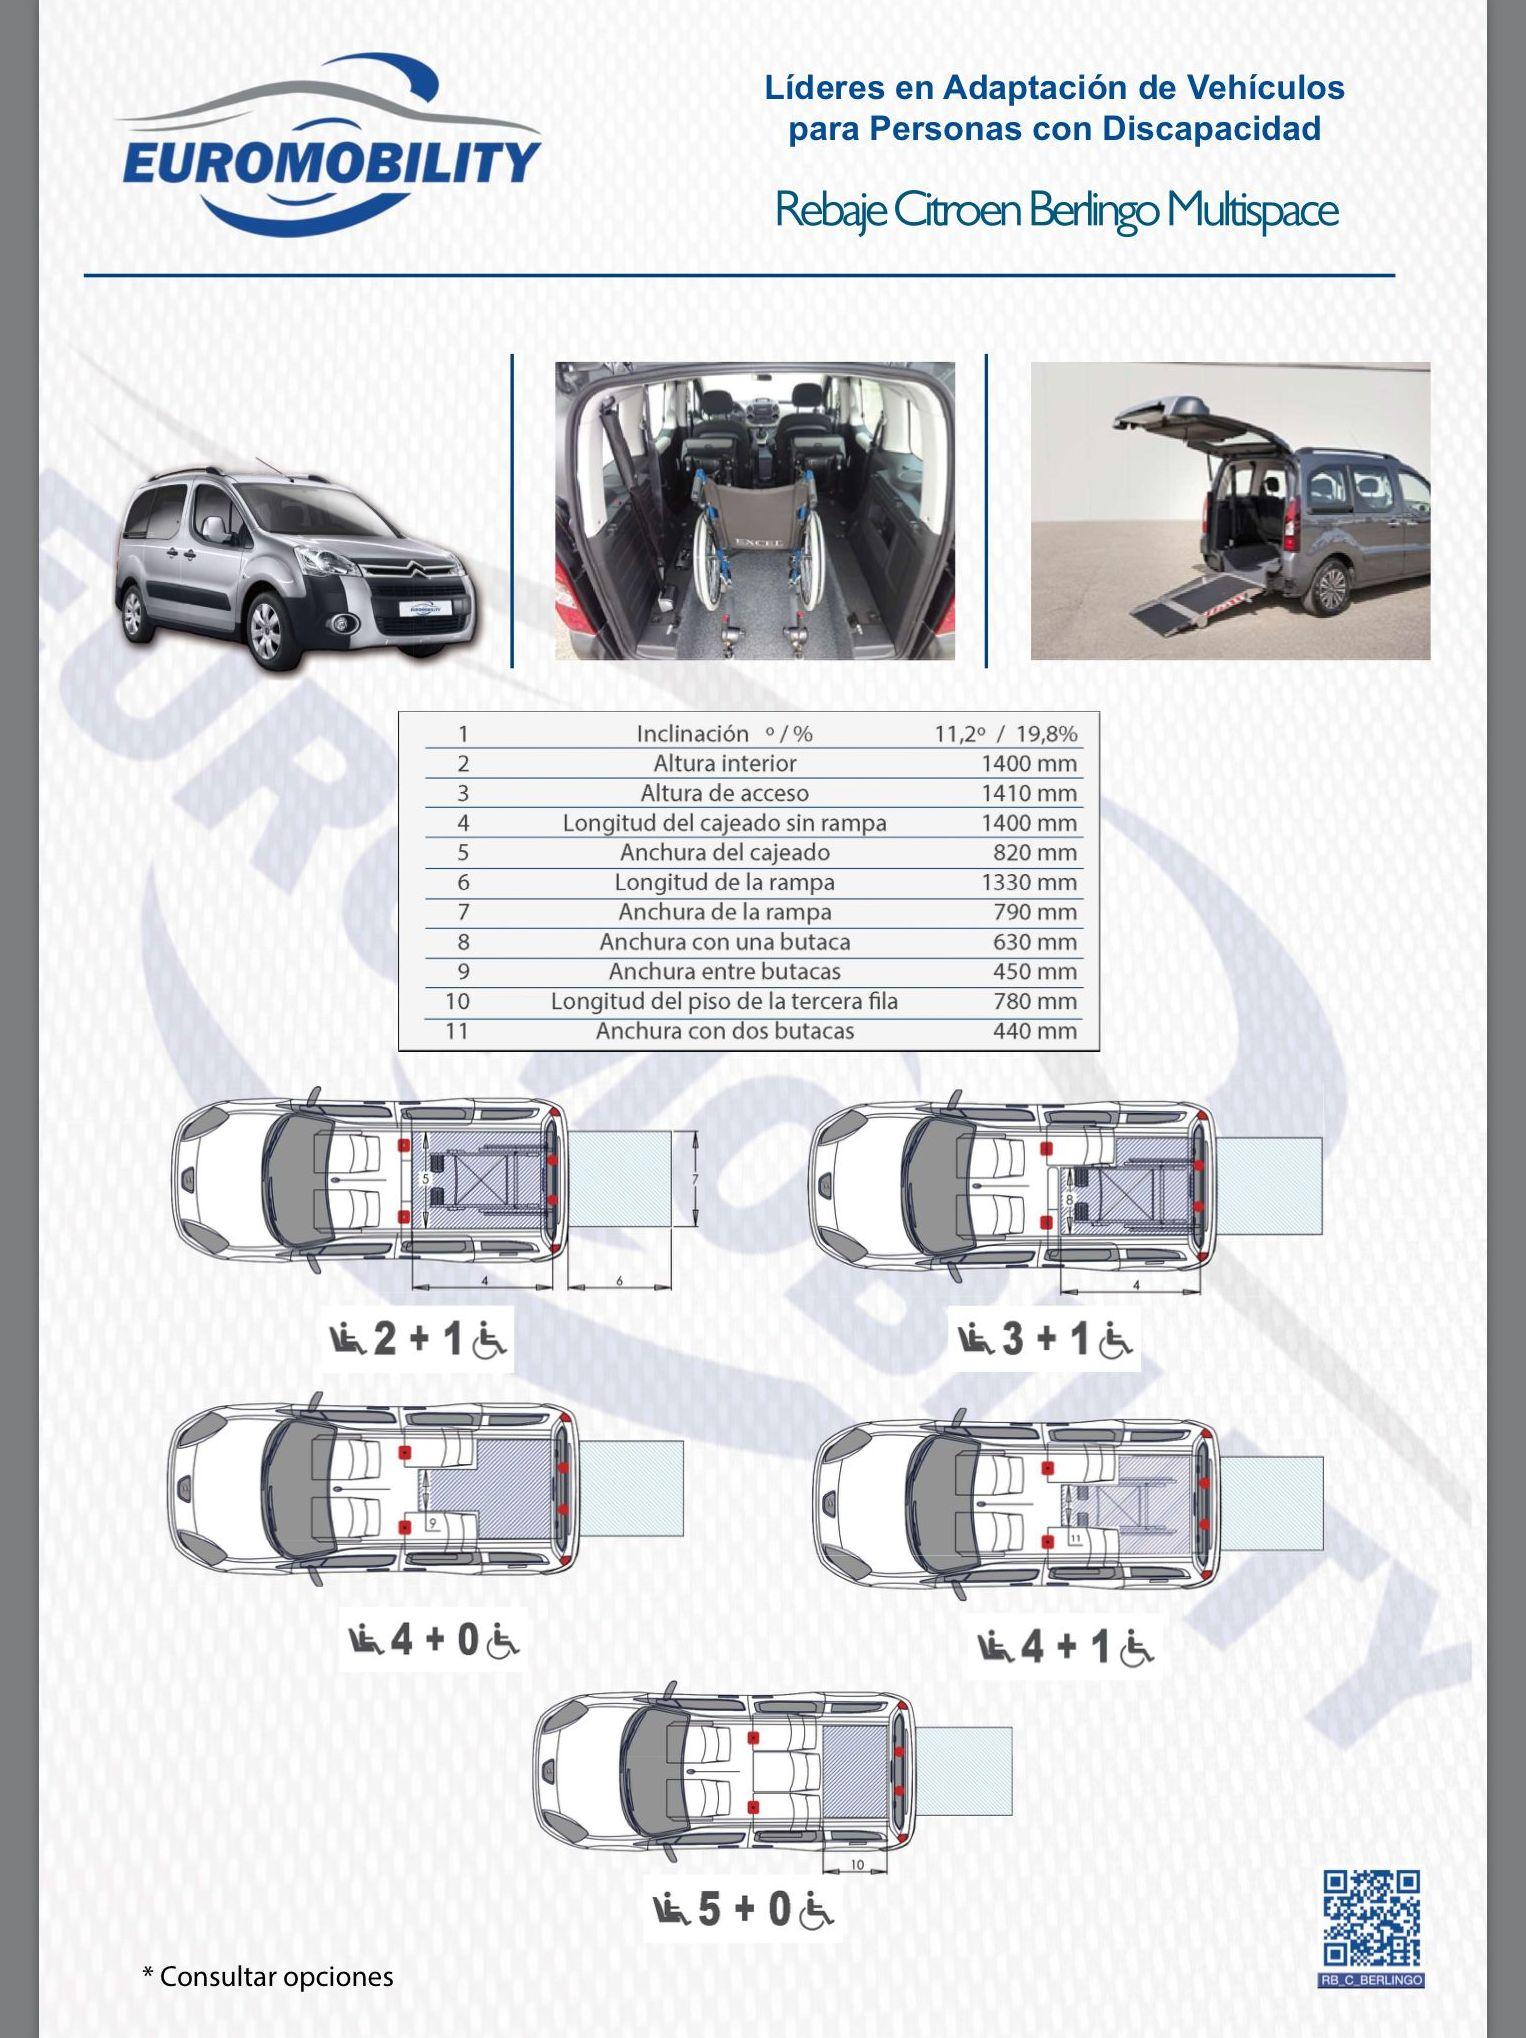 Rebaje de piso / Cajeado Citroen Berlingo Multispace. Adaptación de vehiculos Asturias